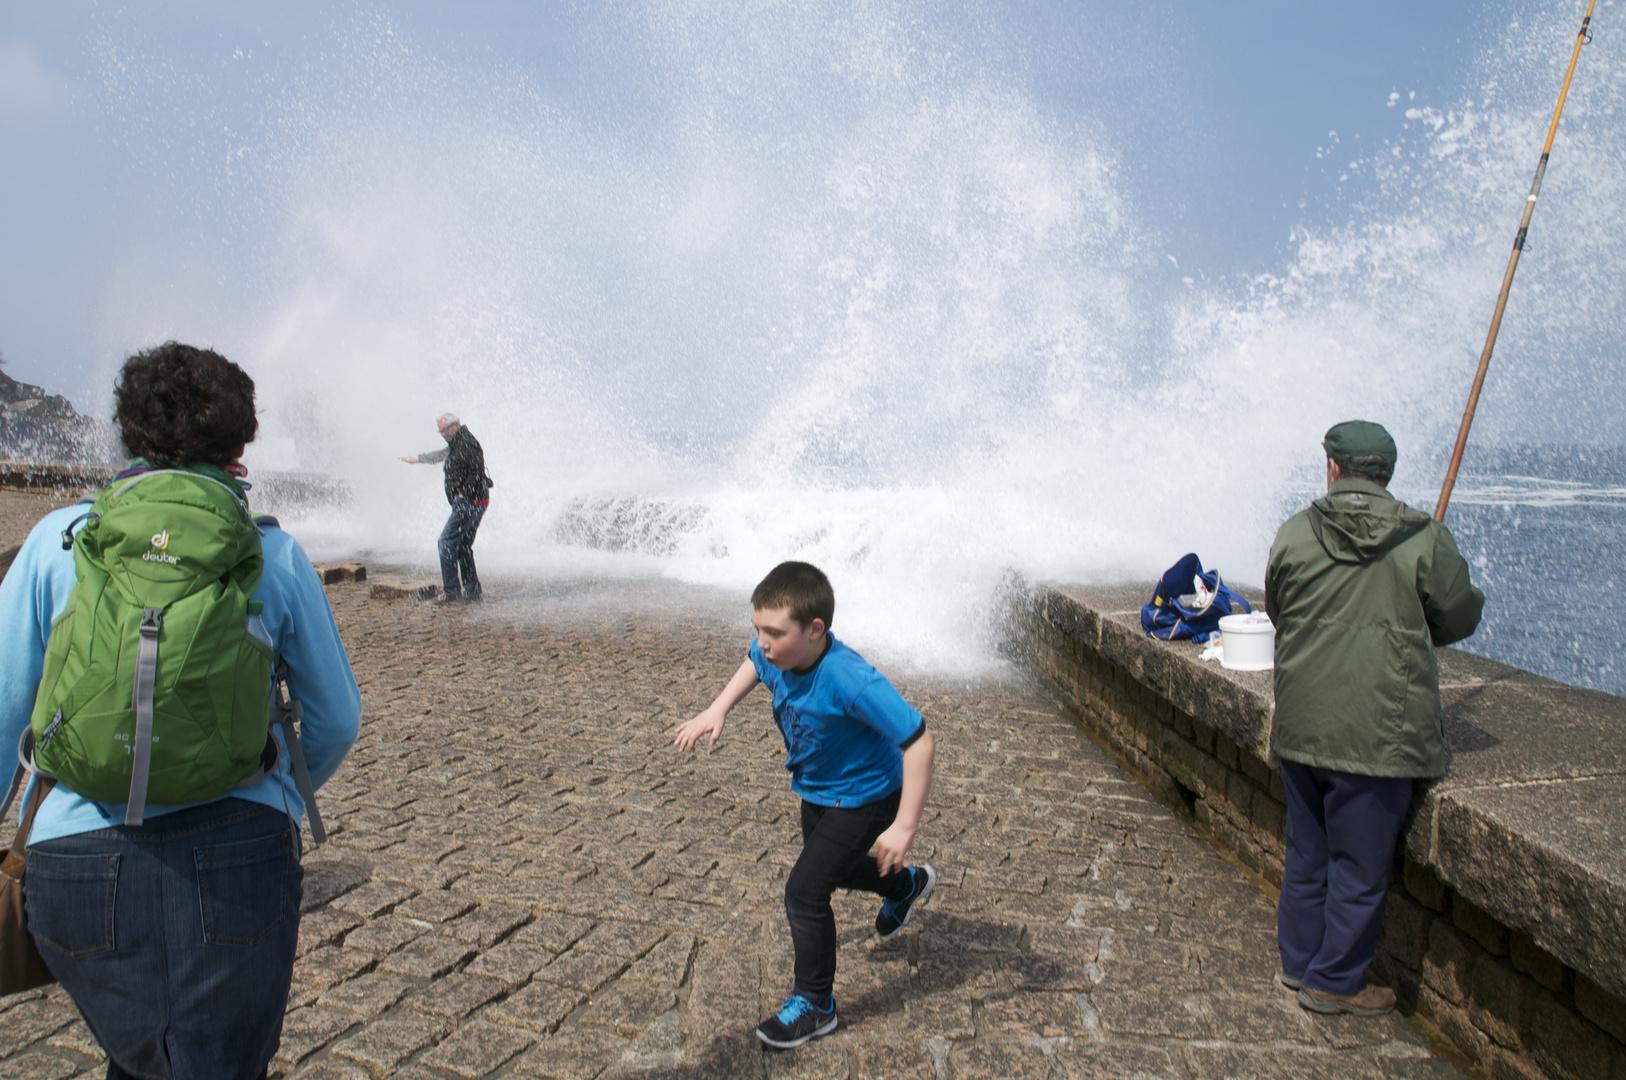 Gratisdusche auf der Mole unterhalb des Monte Igueldo (Donostia)